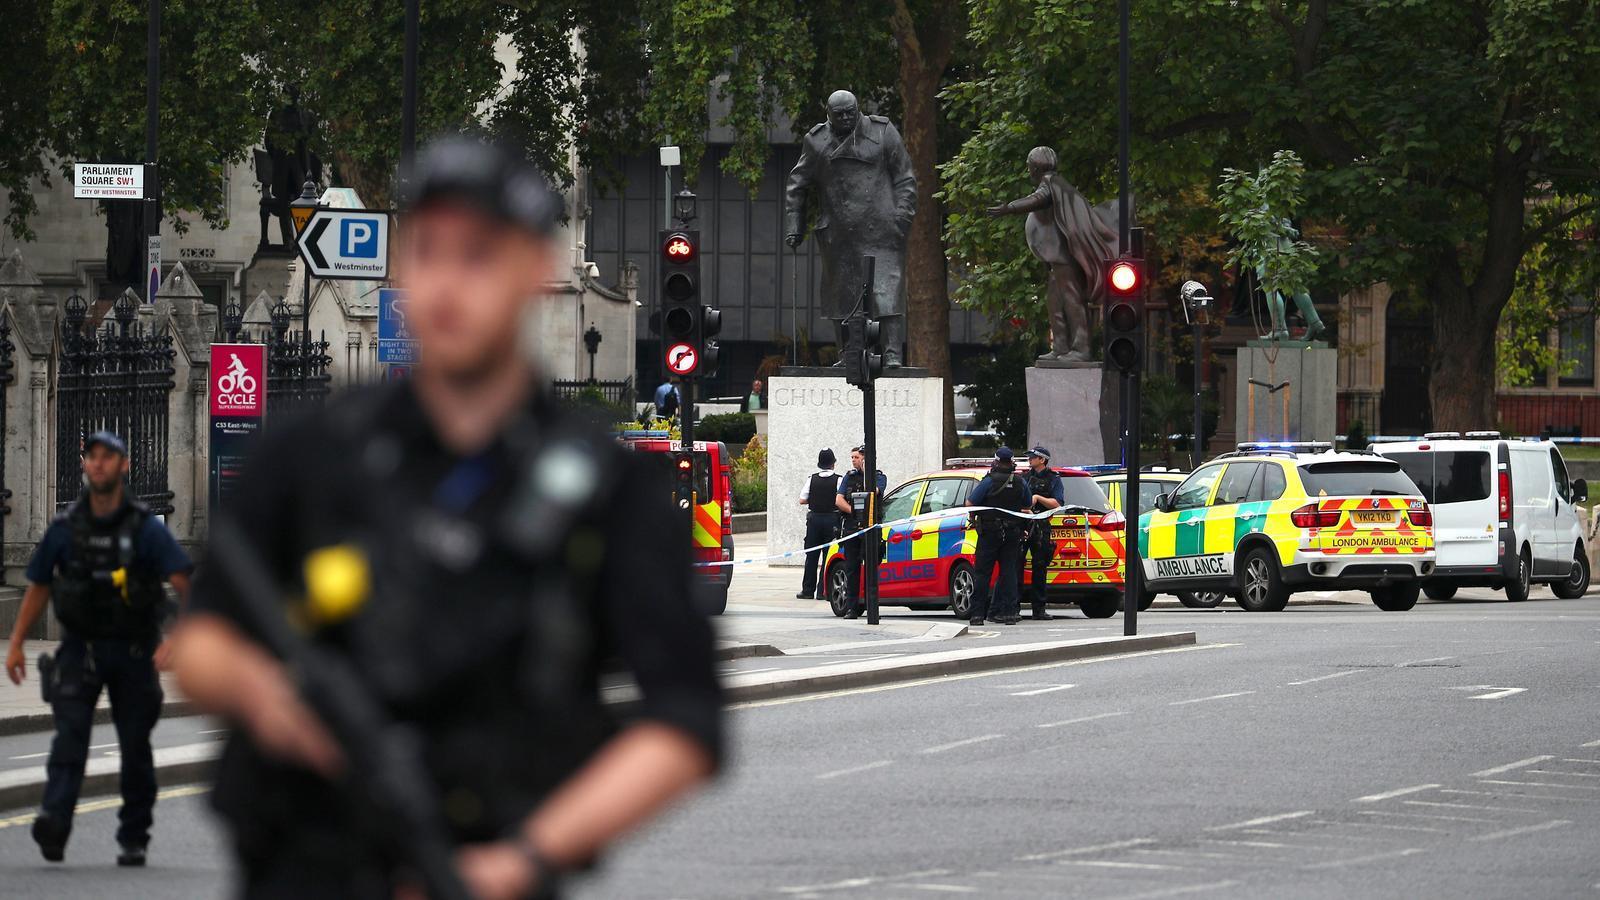 Un policia armat vigila la perifèria del Parlament britànic, després que un cotxe s'hagi estavellat contra les tanques de segureta